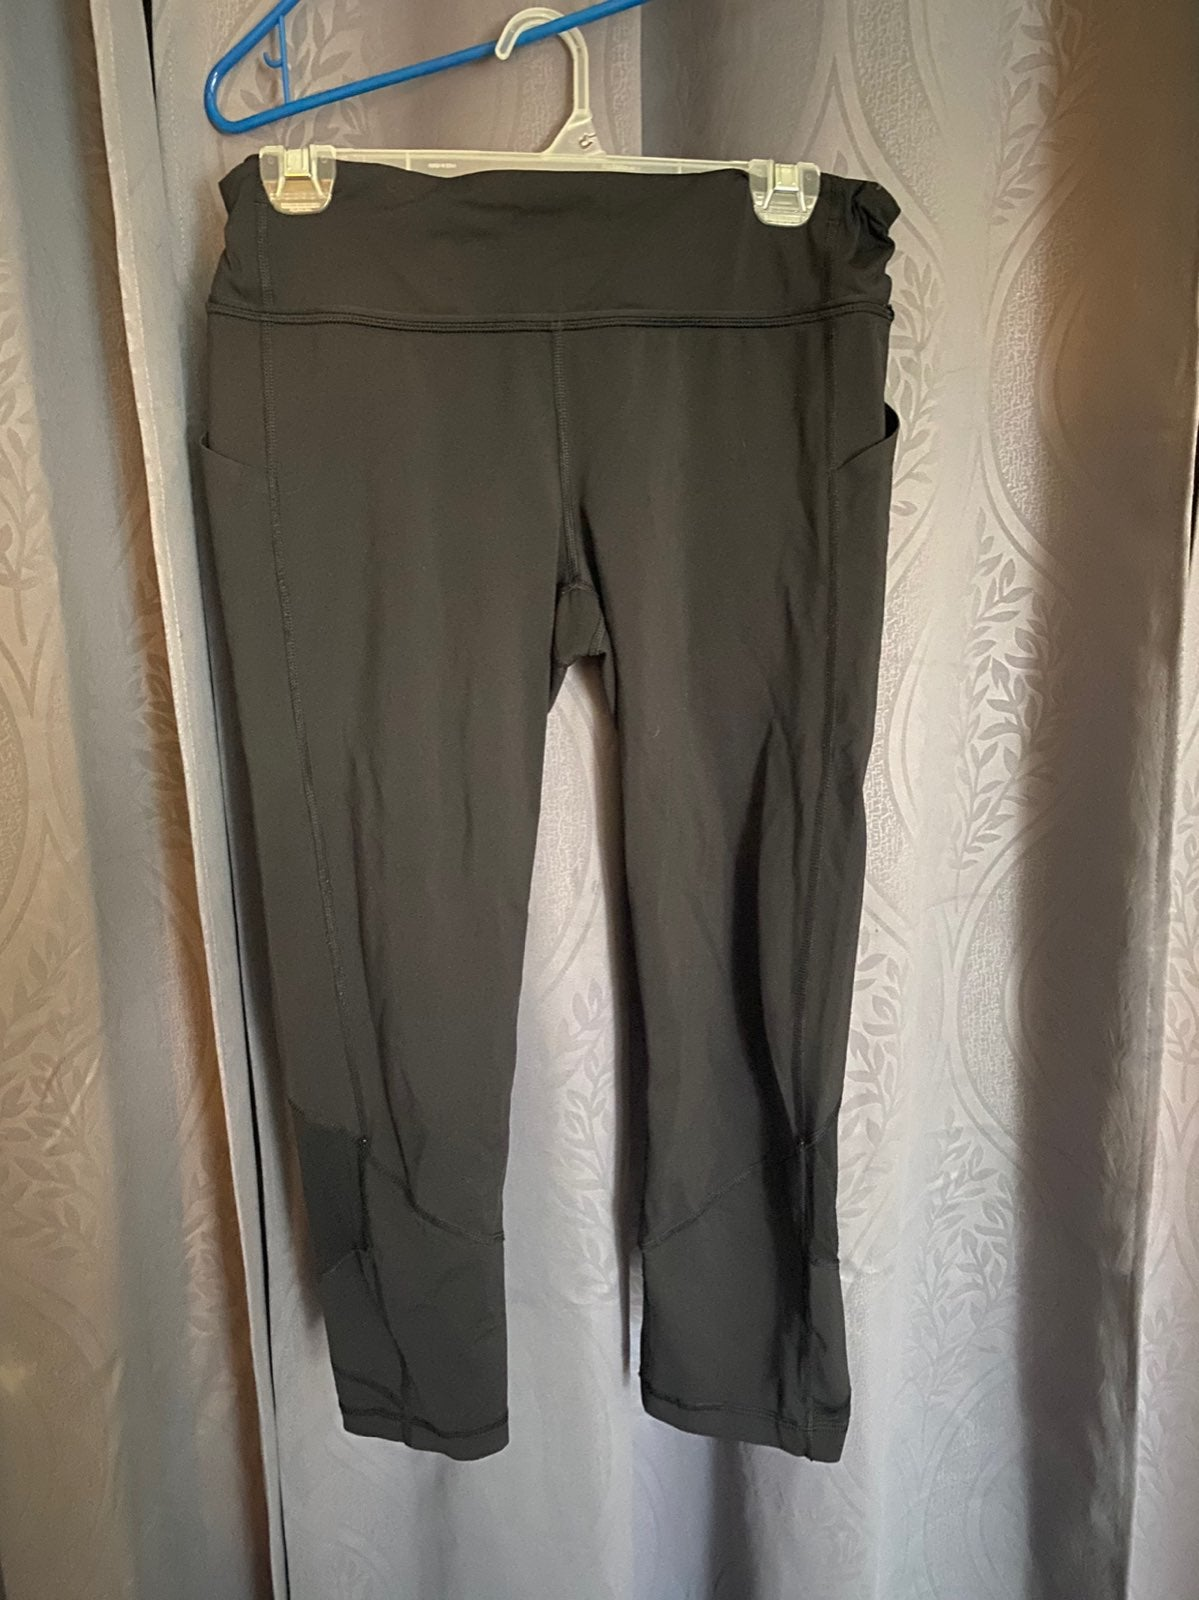 Lululemon Black Sz 10 capri Leggings